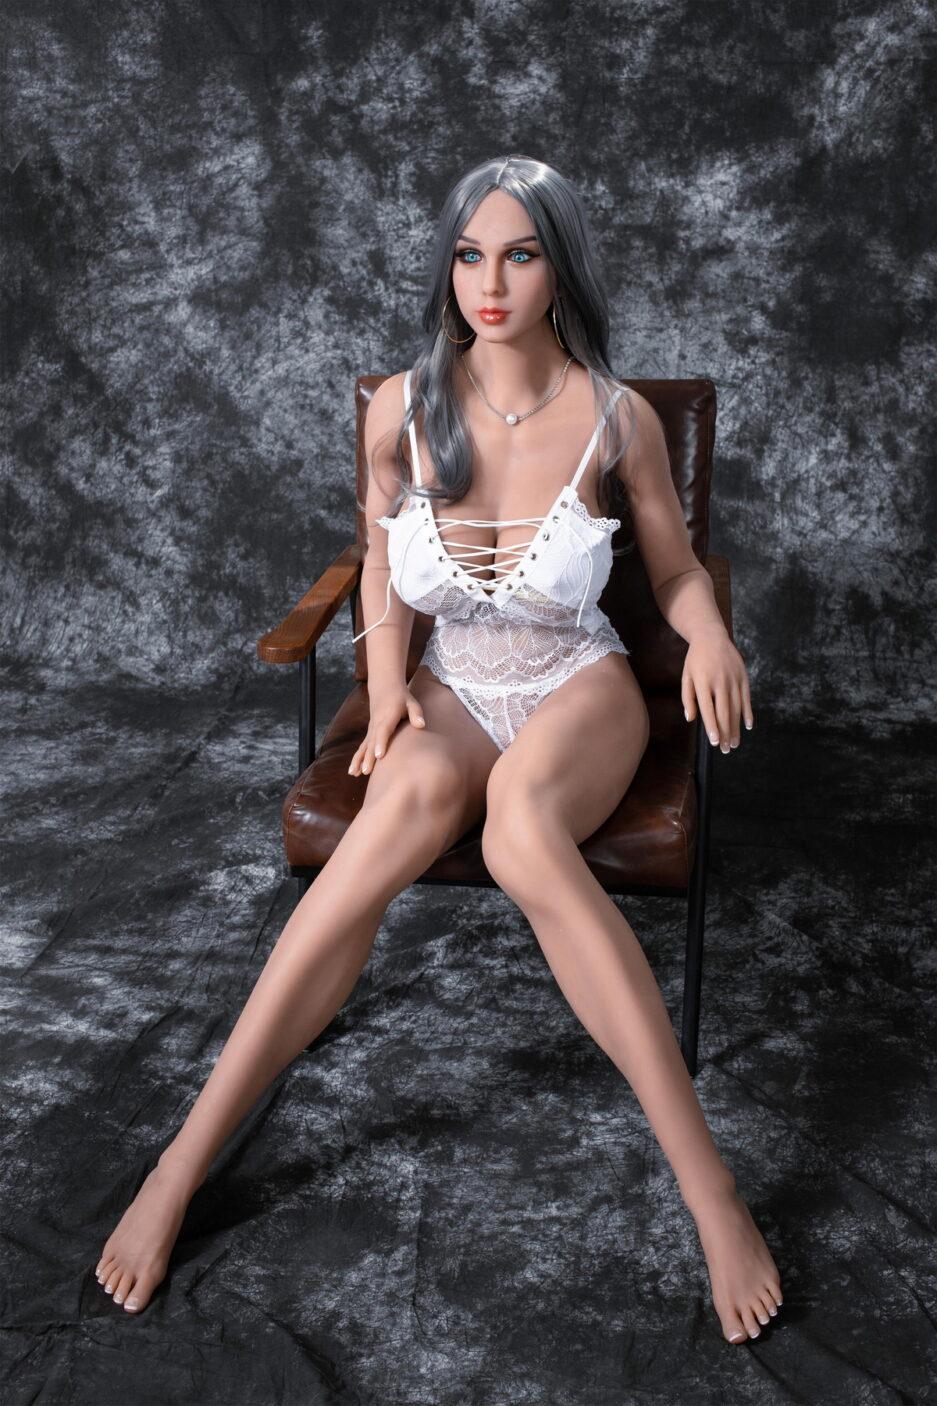 super curvy amercian sex doll